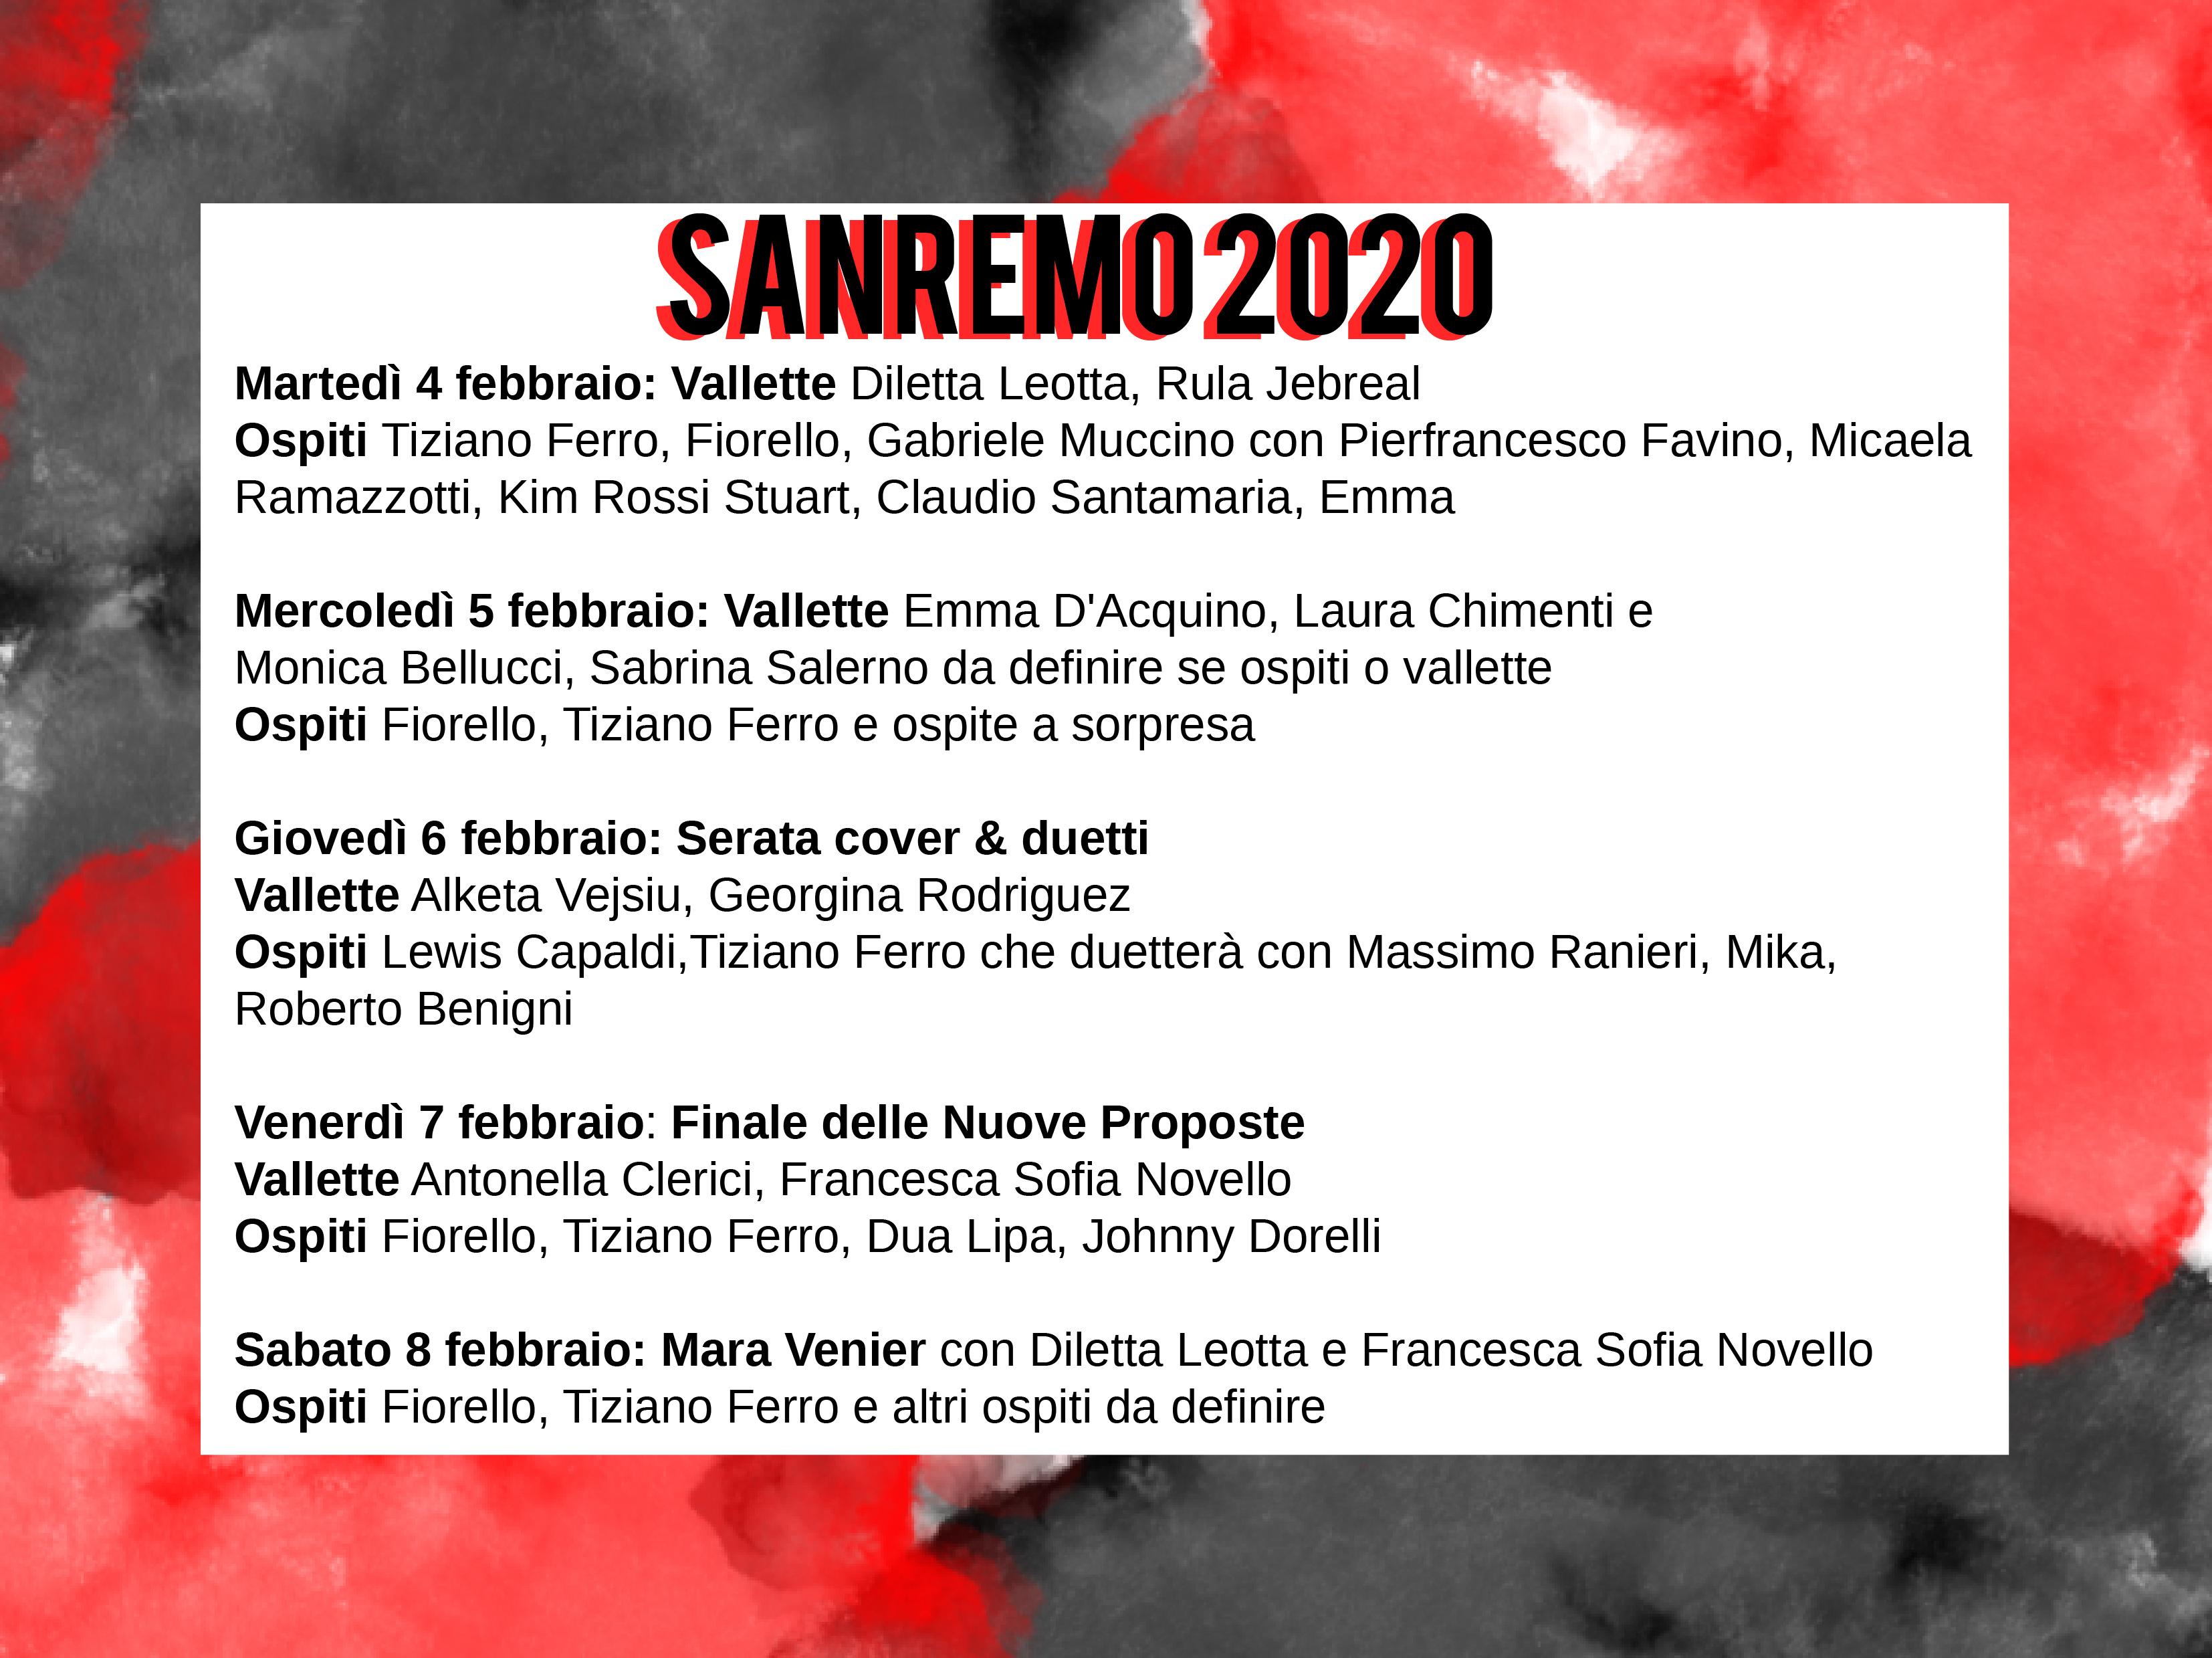 Festival di Sanremo - Serate